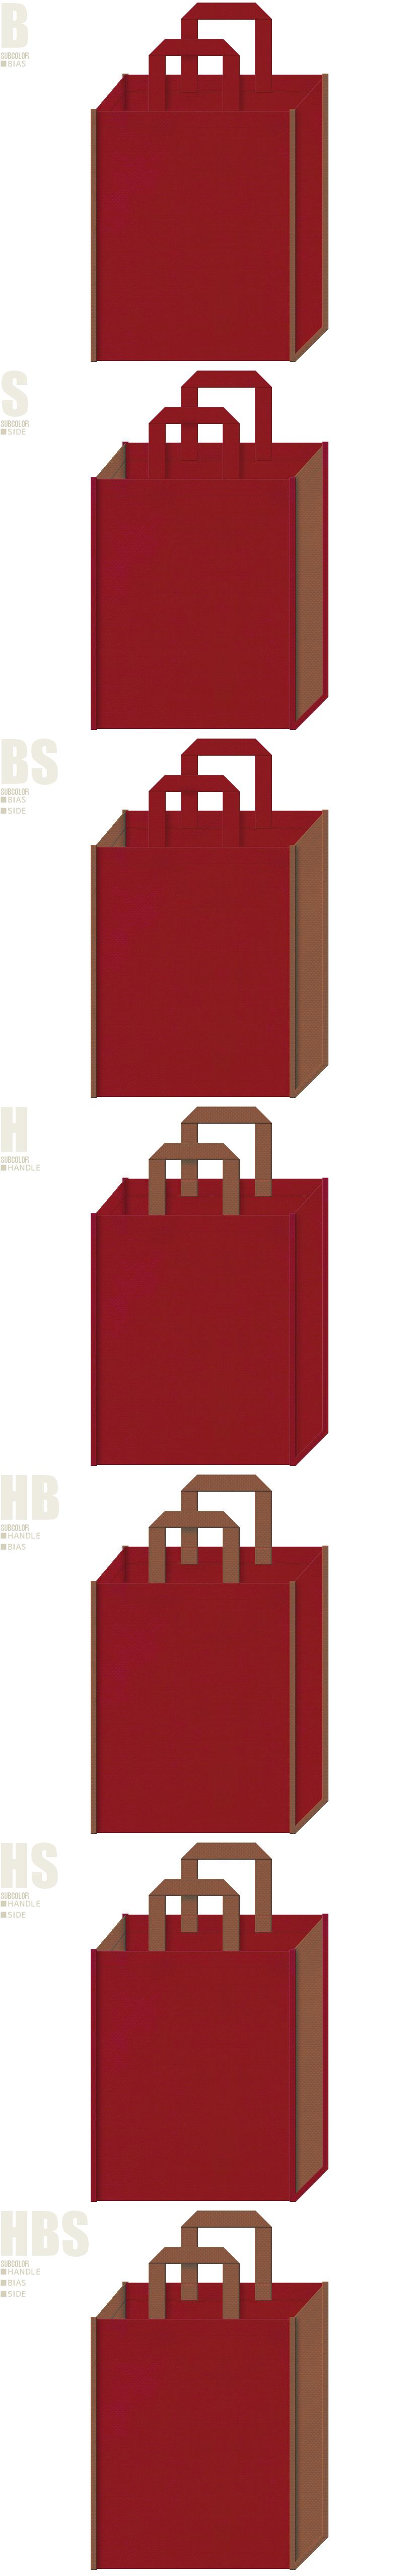 ぜんざい・甘味処・茶会・和風催事にお奨めの不織布バッグデザイン:エンジ色と茶色の配色7パターン